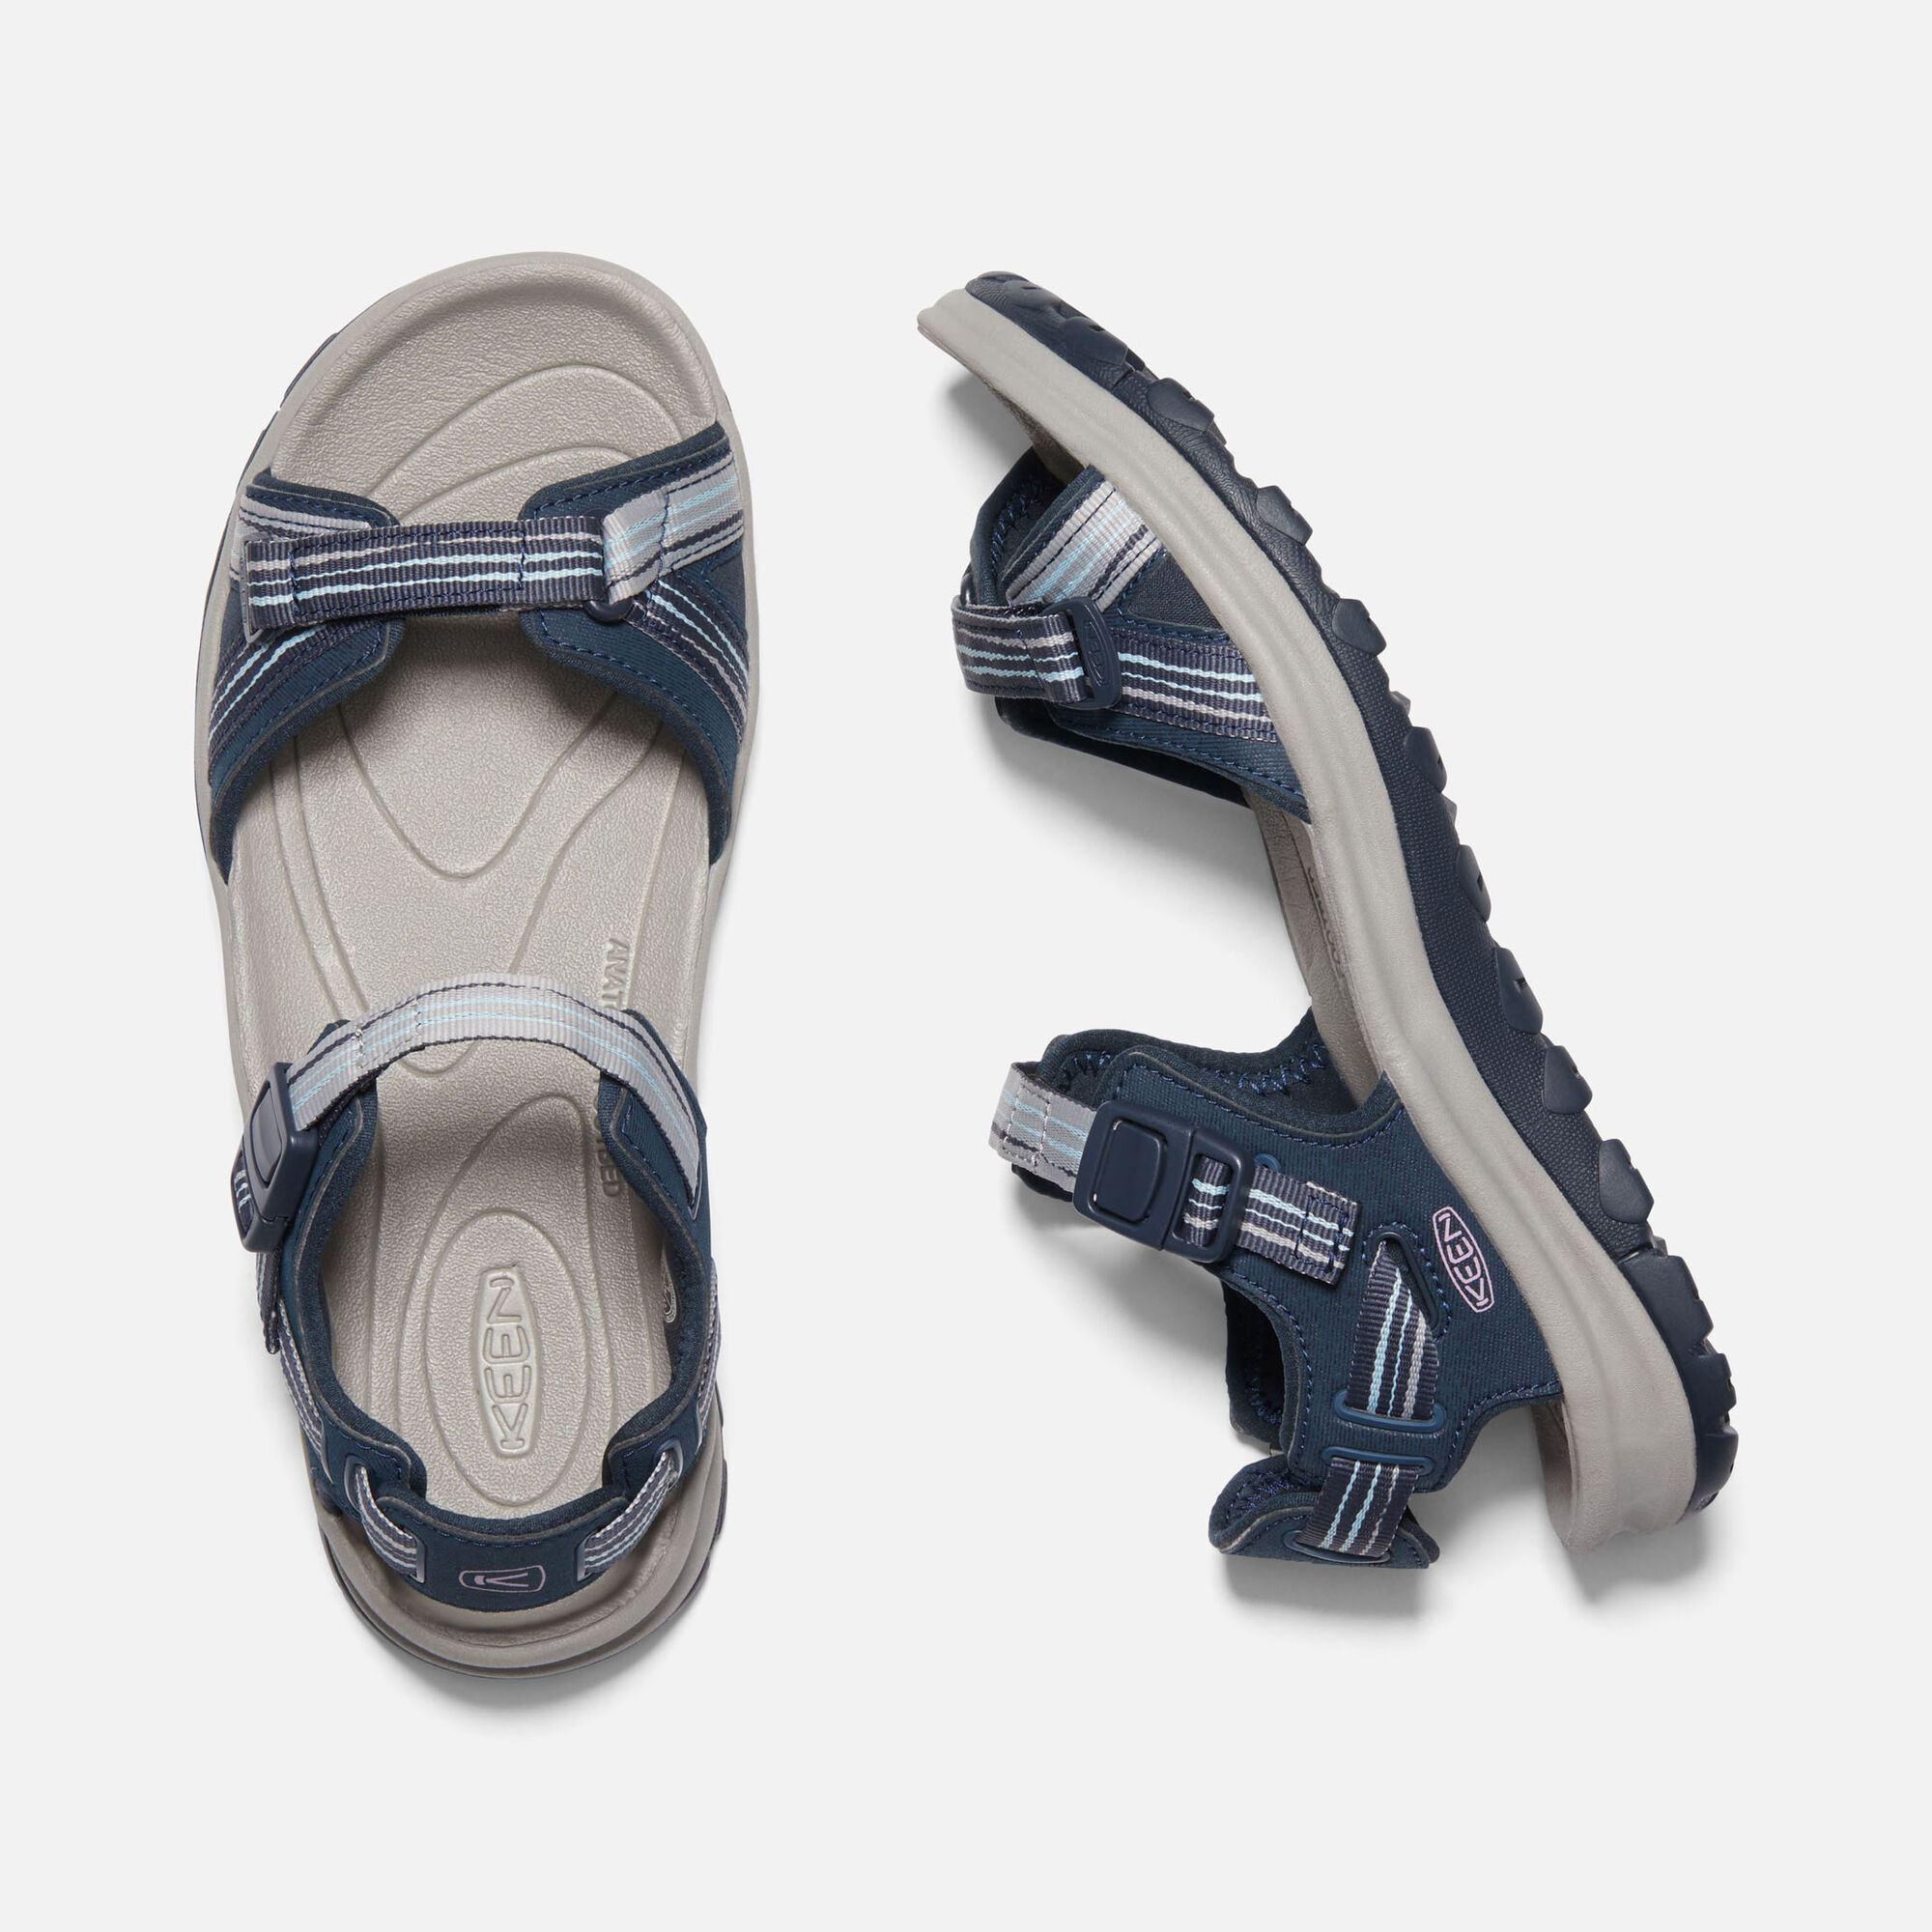 Terradora II Open Toe Sandal - Women's